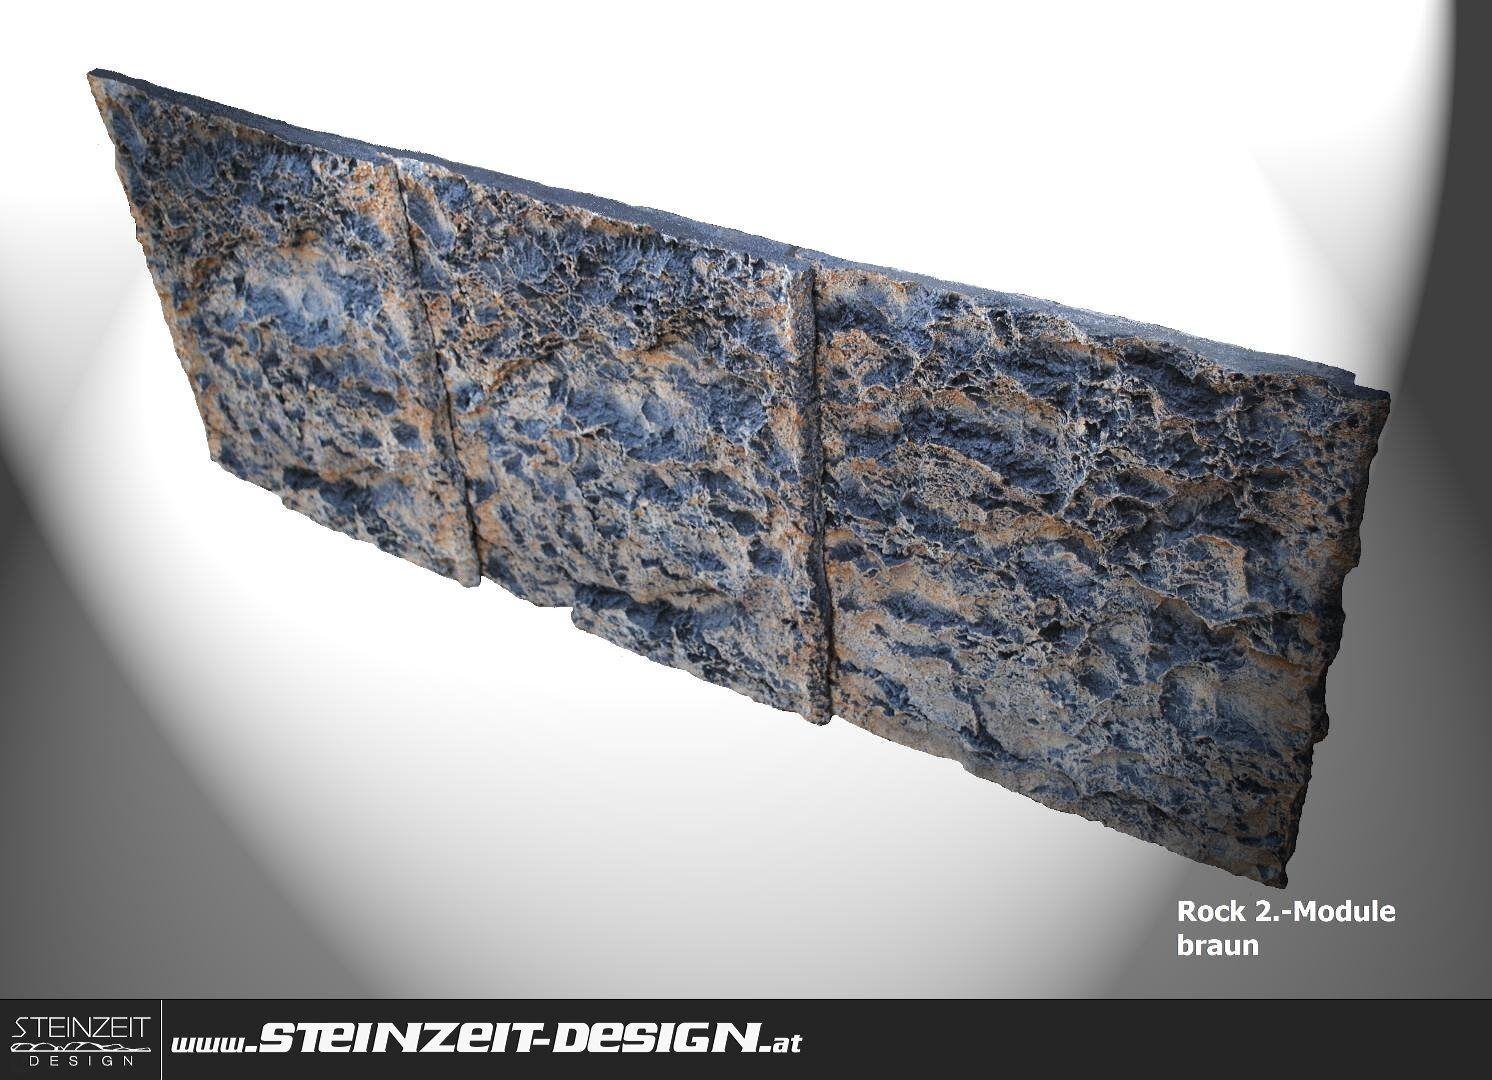 AQUARIUMRÜCKWAND   Rock-II Rückwand Modul 150x55cm braun Aquarien Terrarien 3D